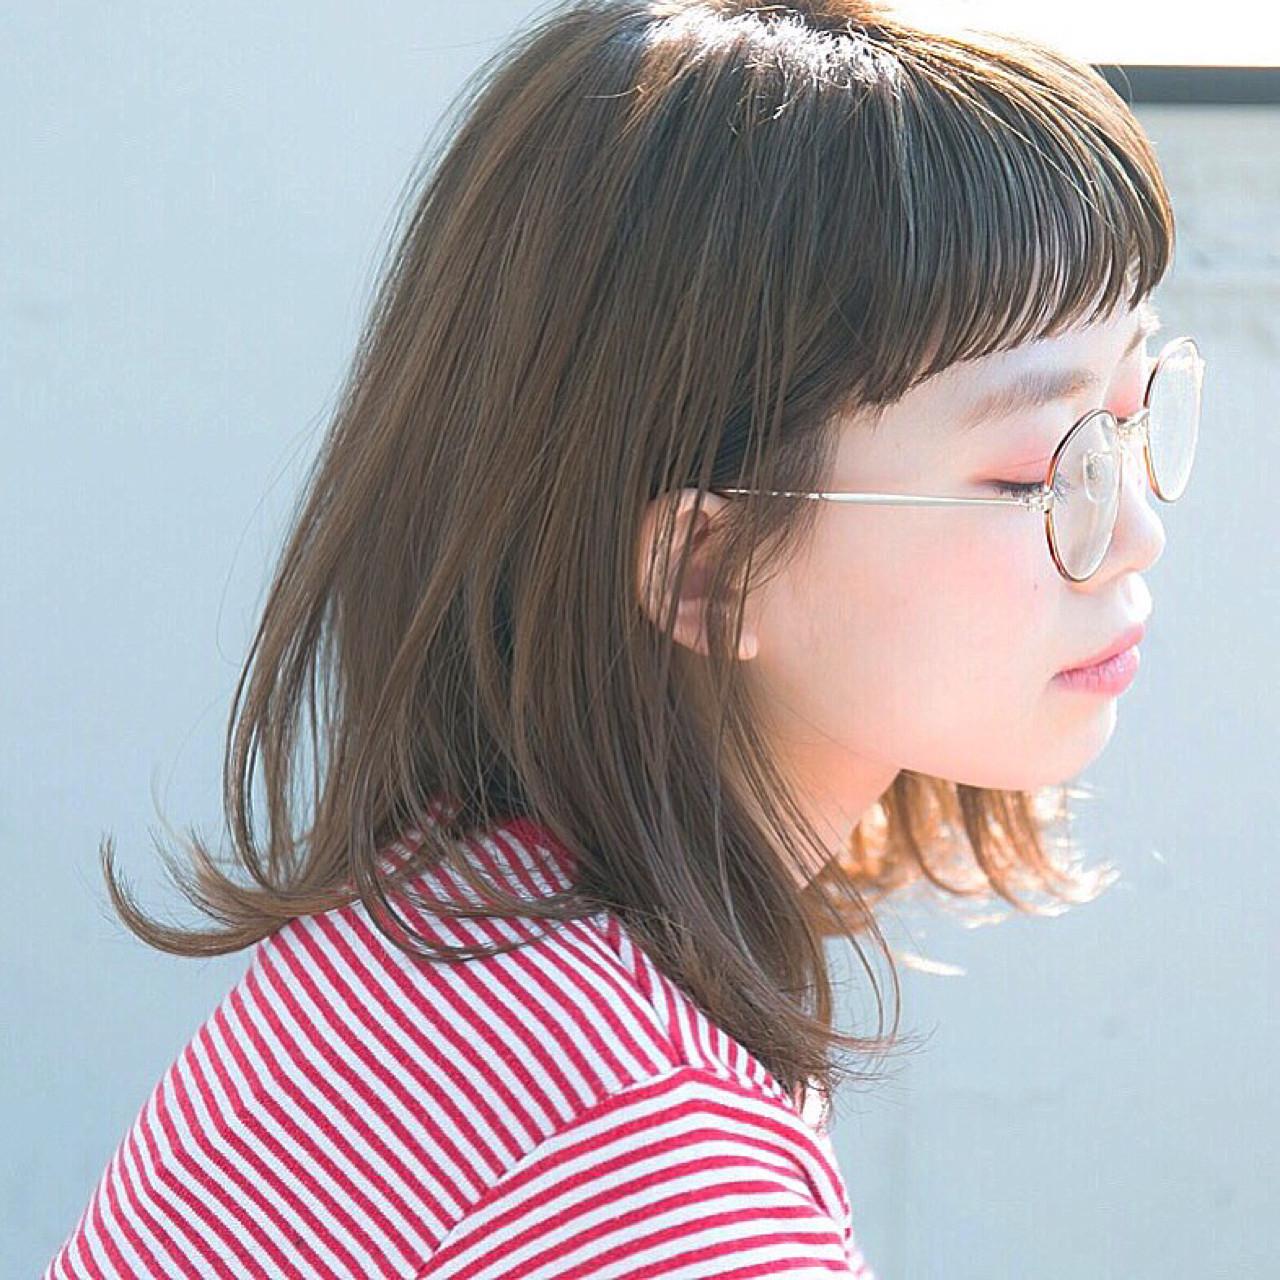 少女のようなキュートな印象になります。かっちりとした印象のメガネと合わせることで、バランスの取れたスタイルが完成しちゃいます♪